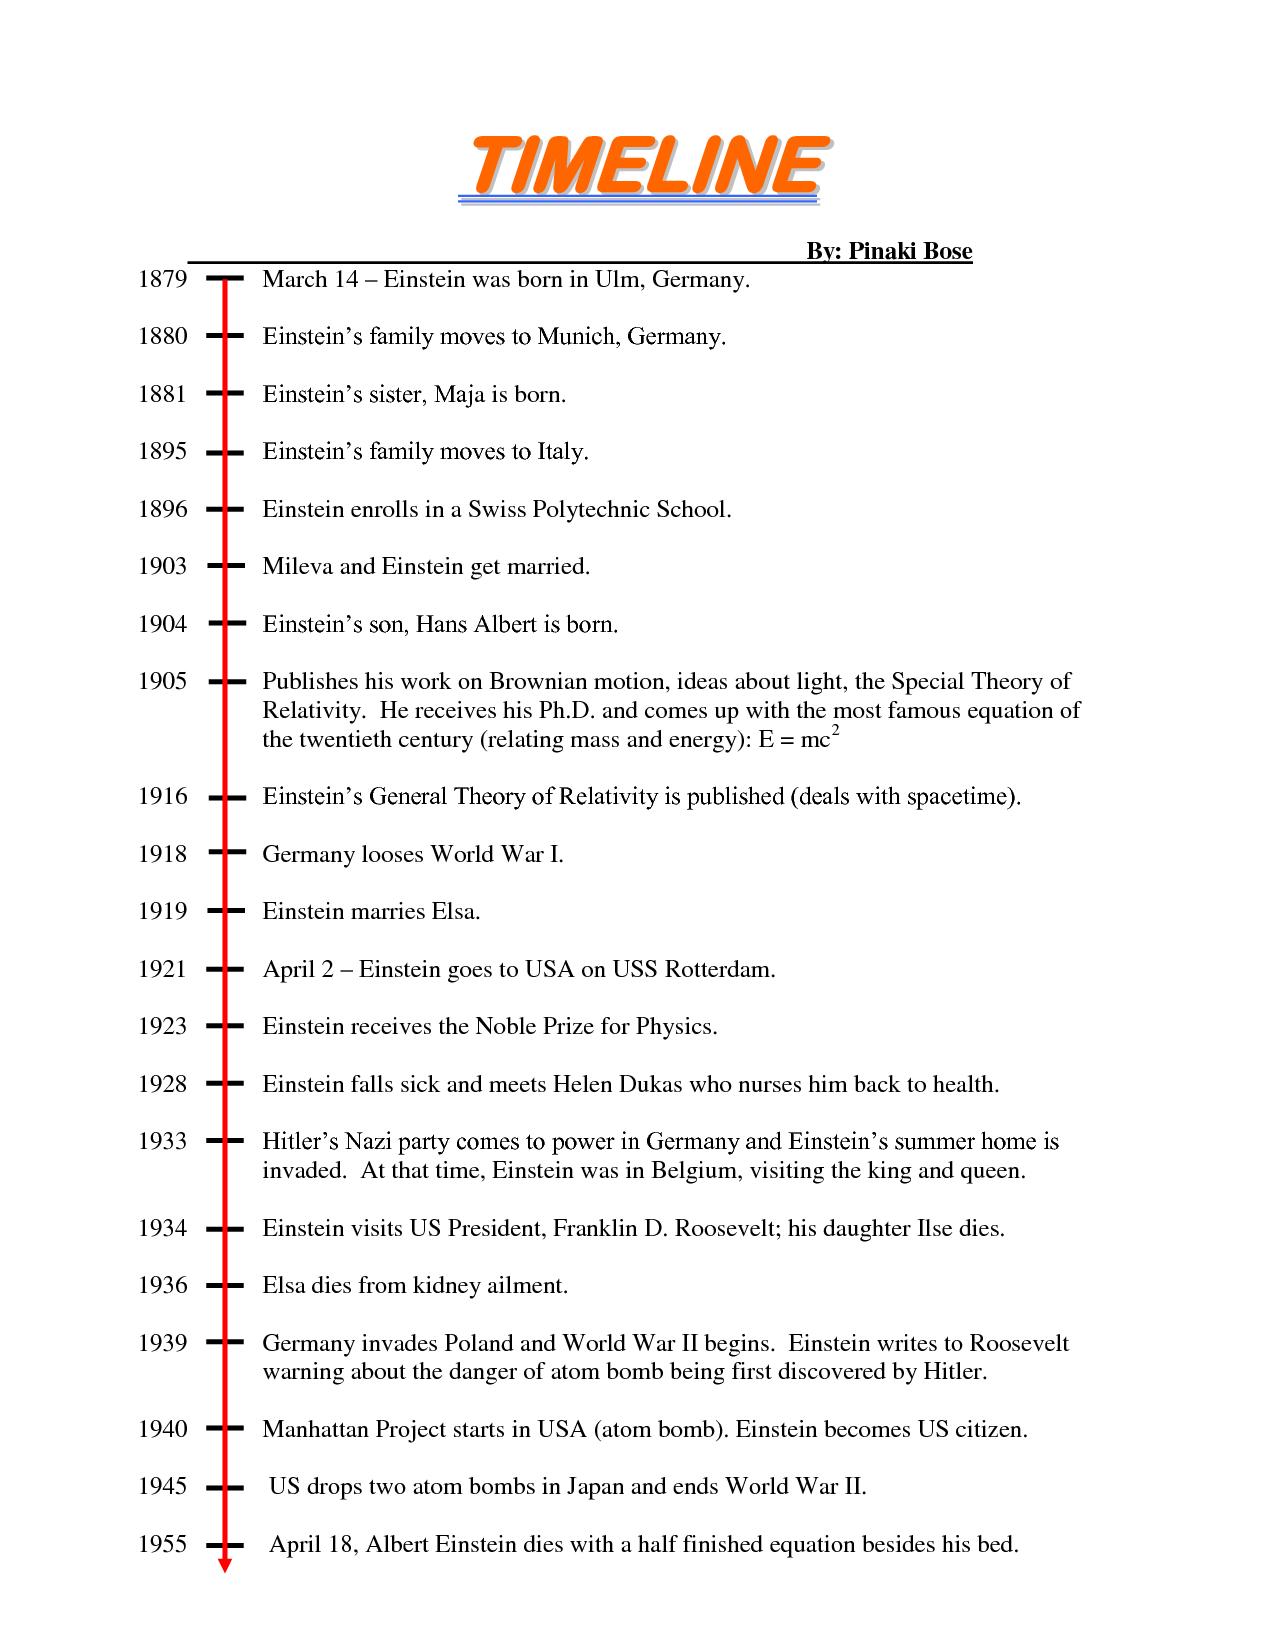 Albert Einstein Invention Timeline